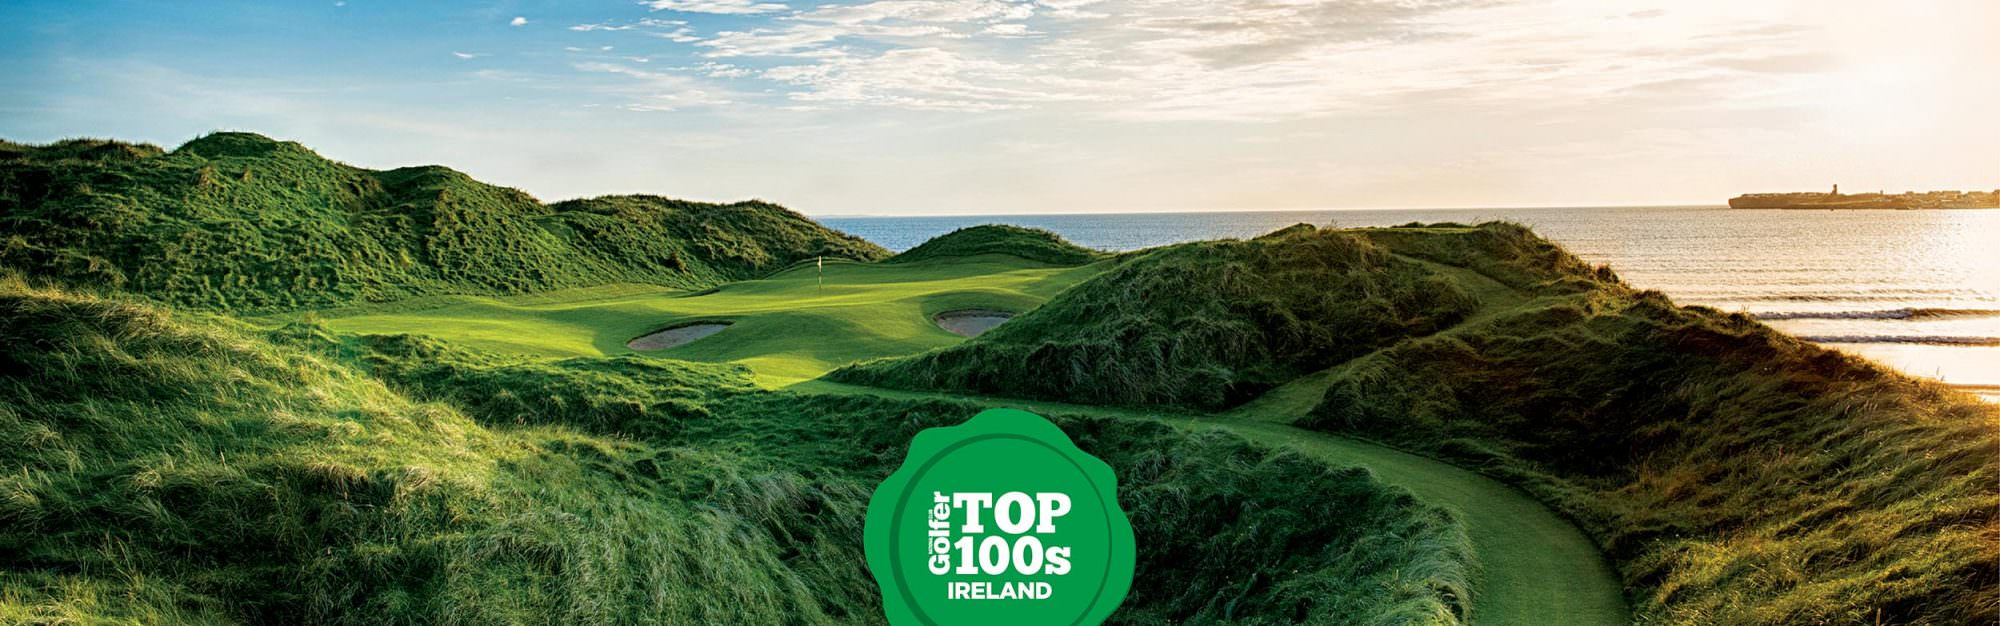 NCG's Top 100 Golf Courses in Ireland